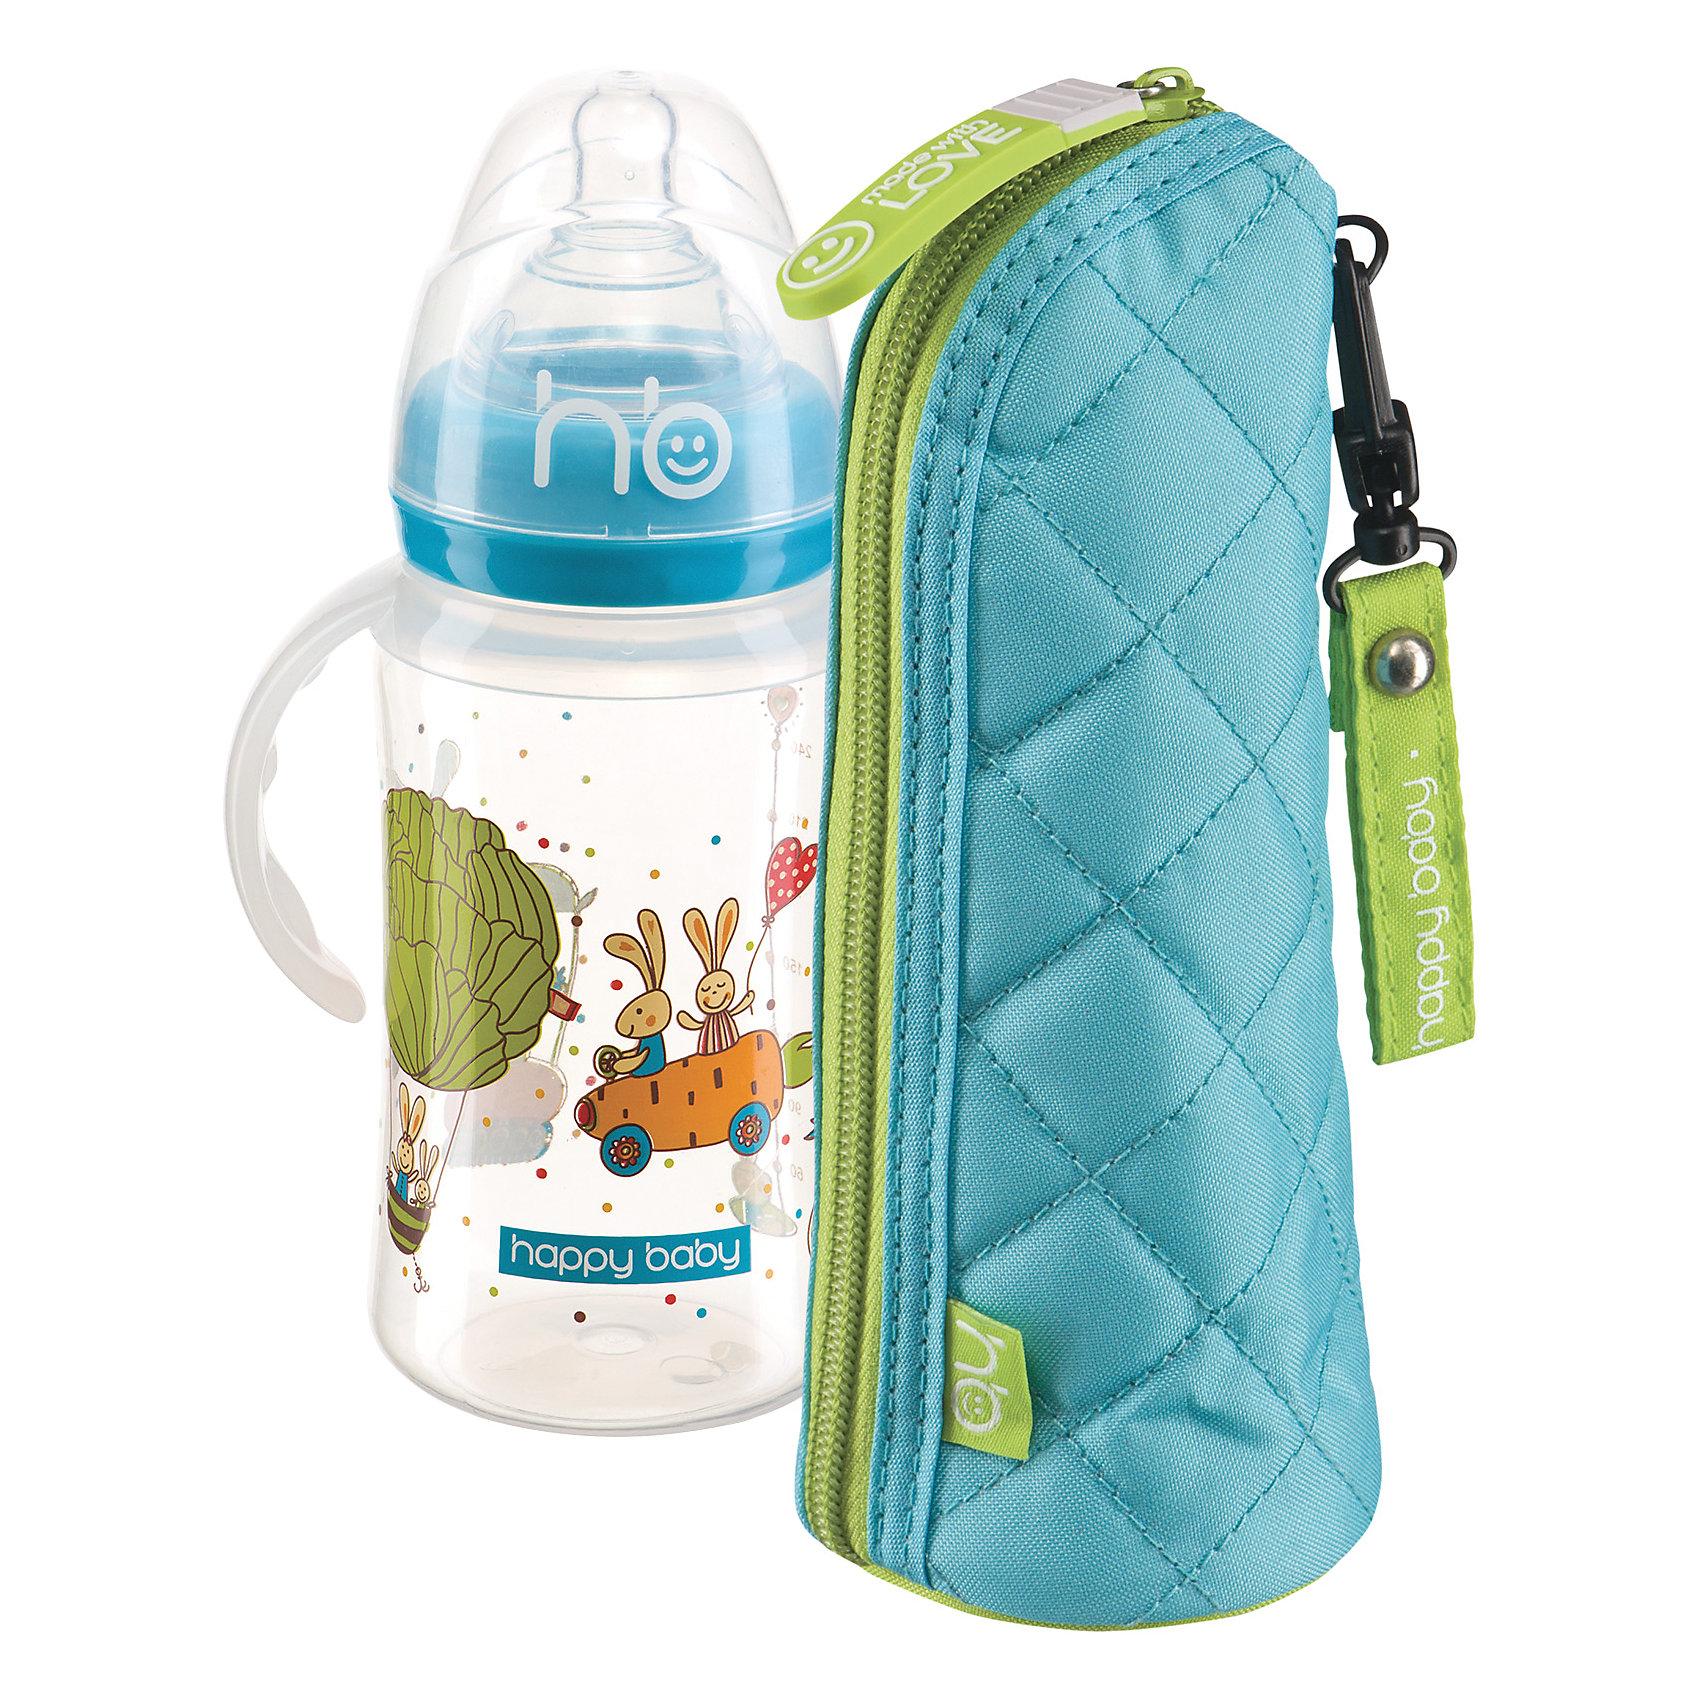 Пенал для бутылочек THERMO CASE FOR BOTTLES, Happy Baby, ментоловыйАксессуары для бутылочек и поильников<br>Пенал для бутылочек от Happy Baby - прекрасный вариант для прогулок и путешествий! Футляр позволяет дольше сохранять нужную температуру питья, застегивается на молнию, выполнен из плотной ткани с фольгированной прослойкой, имеет оригинальный стильный дизайн. <br><br>Дополнительная информация:<br><br>- Материал: полиэстер, фольгированная ткань.<br>- Размер: 9х18 см. <br>- Дольше сохраняет температуру.<br>- Застегивается на молнию. <br>- Удобное крепление на кнопке.<br>- Подходит для всех бутылочек.<br><br>Пенал для бутылочек THERMO CASE FOR BOTTLES, Happy Baby, (Хеппи Беби), ментоловый, можно купить в нашем магазине.<br><br>Ширина мм: 90<br>Глубина мм: 180<br>Высота мм: 250<br>Вес г: 68<br>Возраст от месяцев: 0<br>Возраст до месяцев: 36<br>Пол: Унисекс<br>Возраст: Детский<br>SKU: 4146884